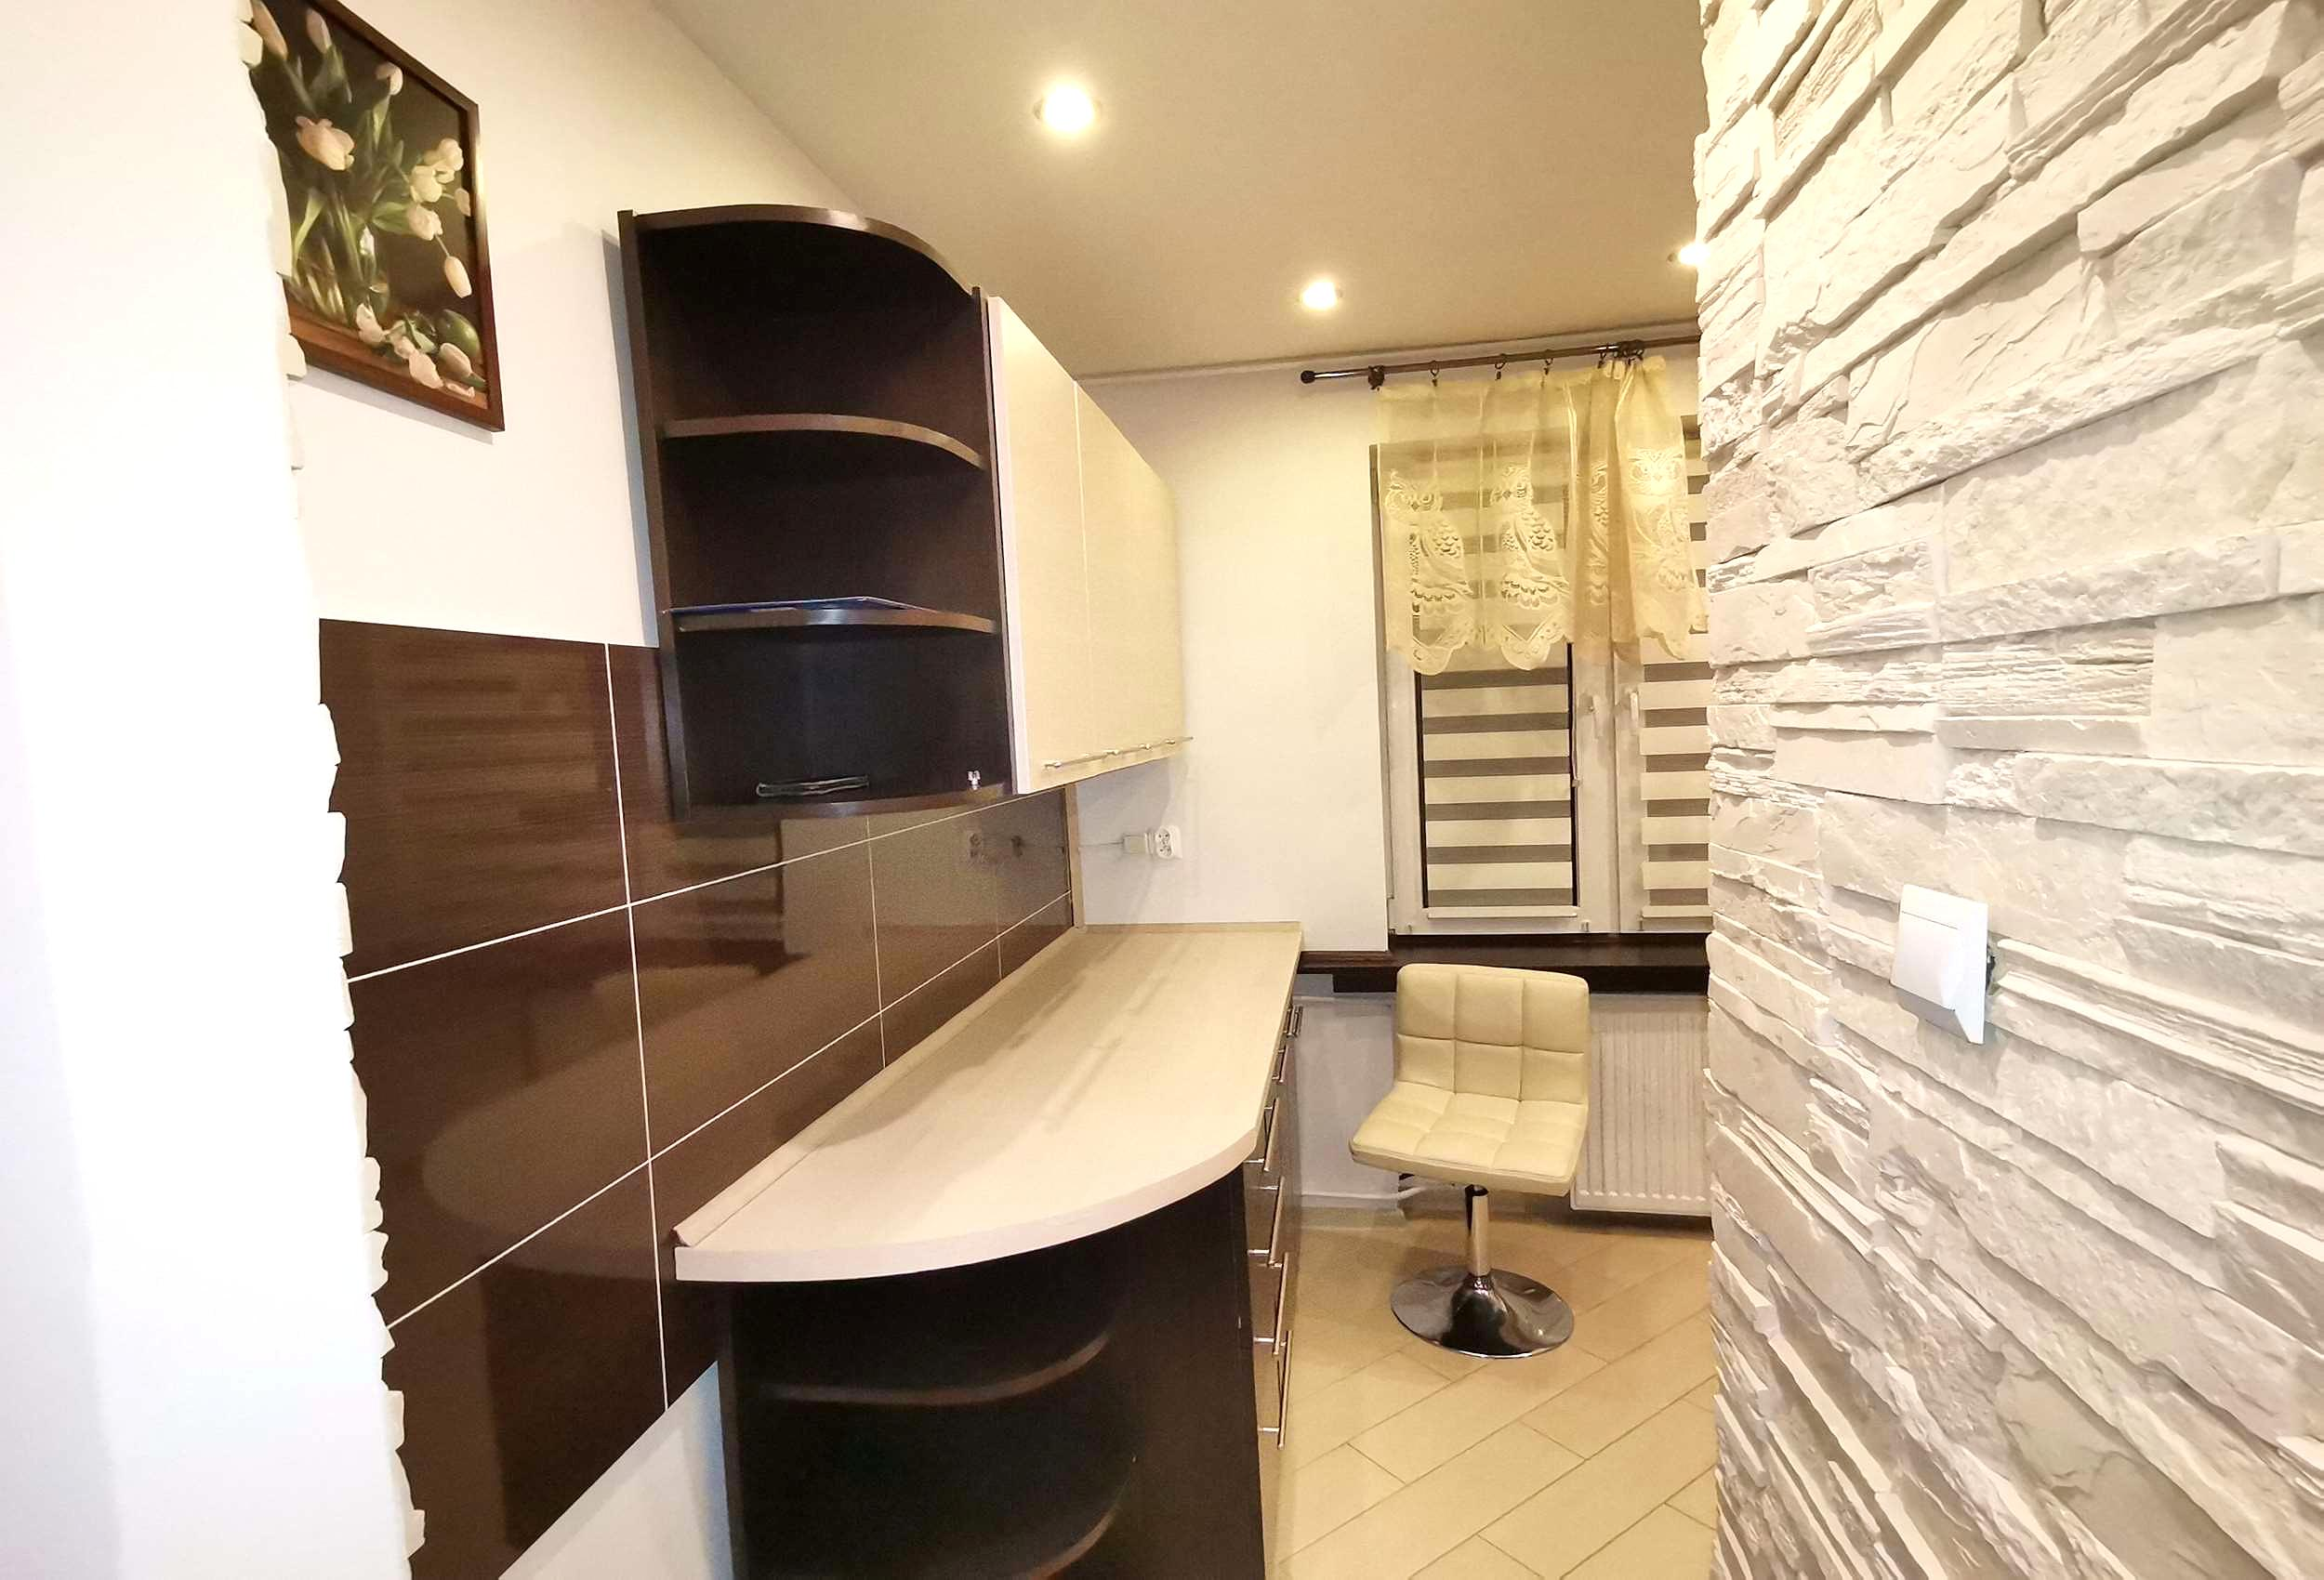 mieszkanie zamosc wynajem wspolna - mieszkanie do wynajęcia - Krzysztof Górski Nieruchomości Zamość